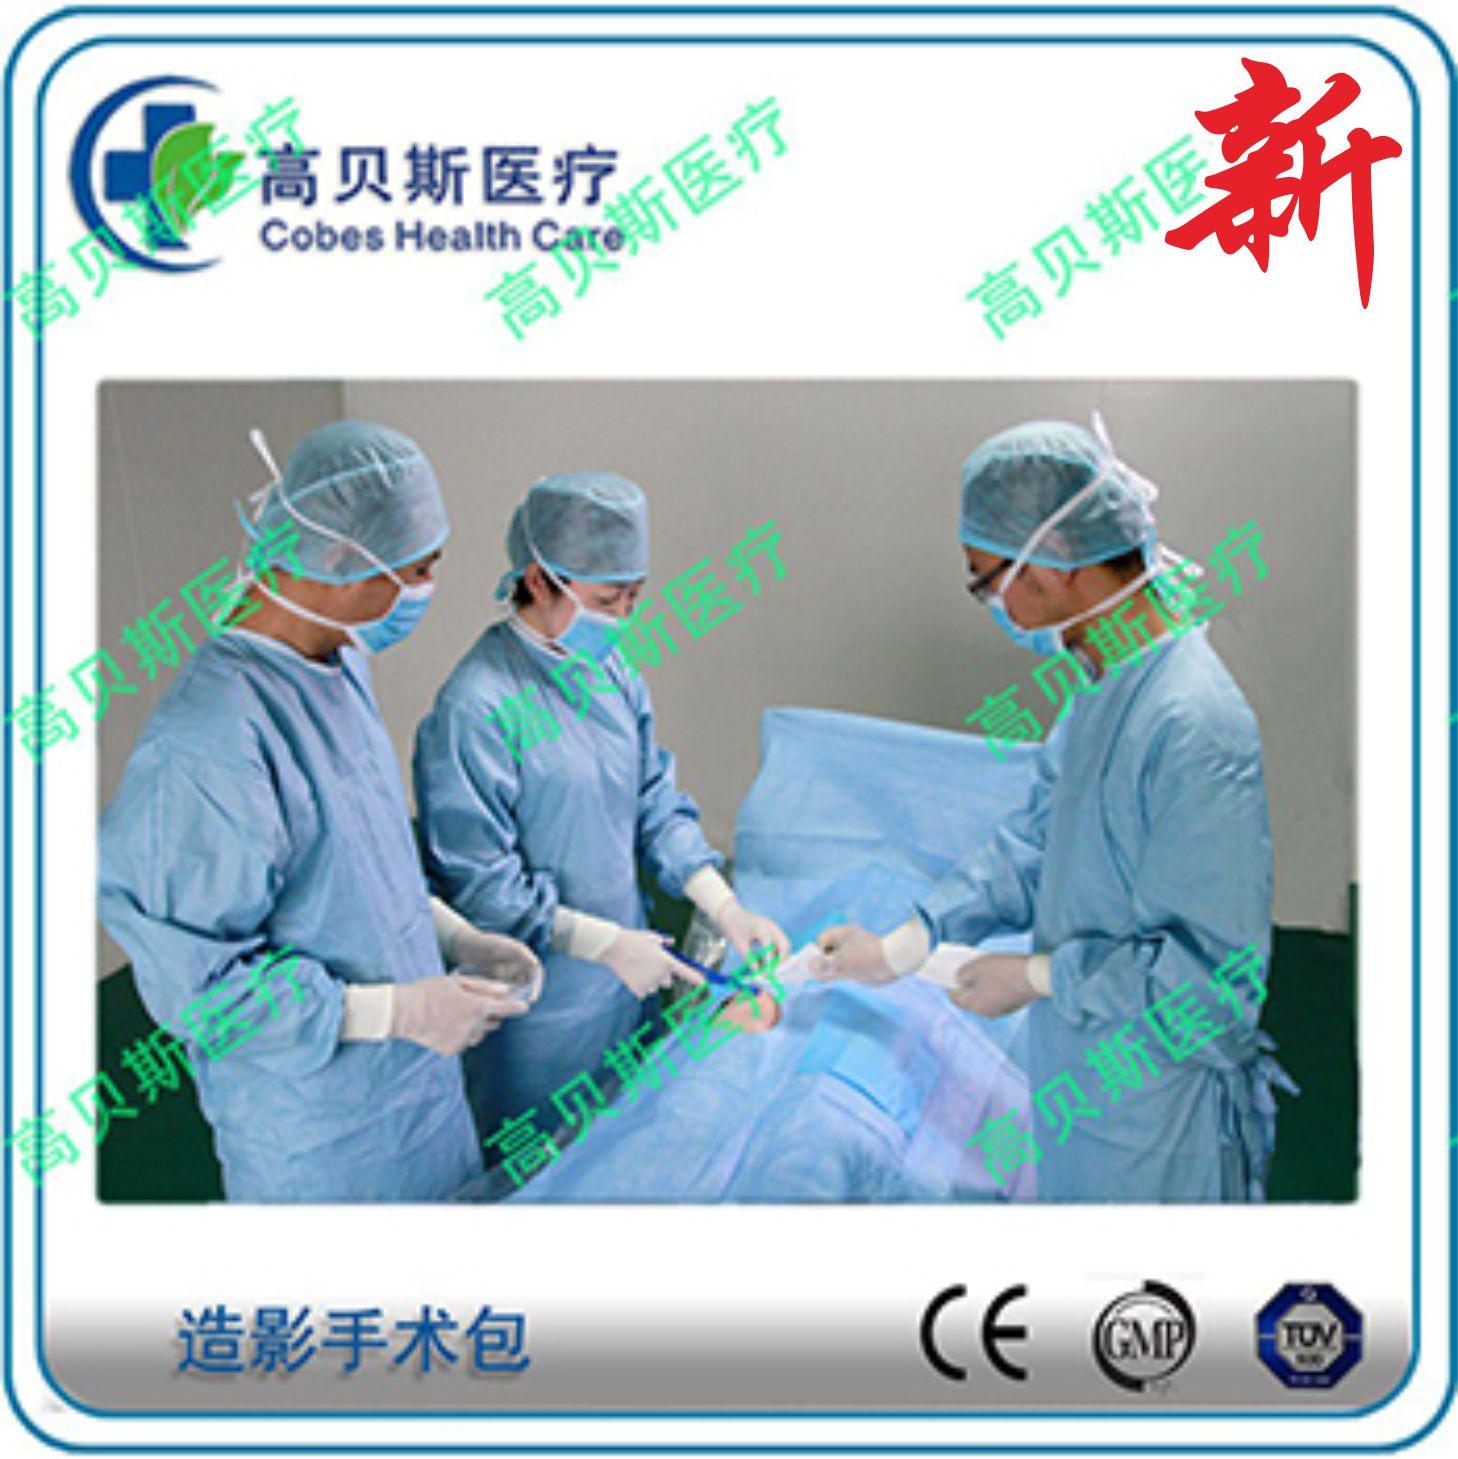 【组图】一次性无纺布下肢手术包有哪些东西组成 一次性使用无纺布外周介入手术包